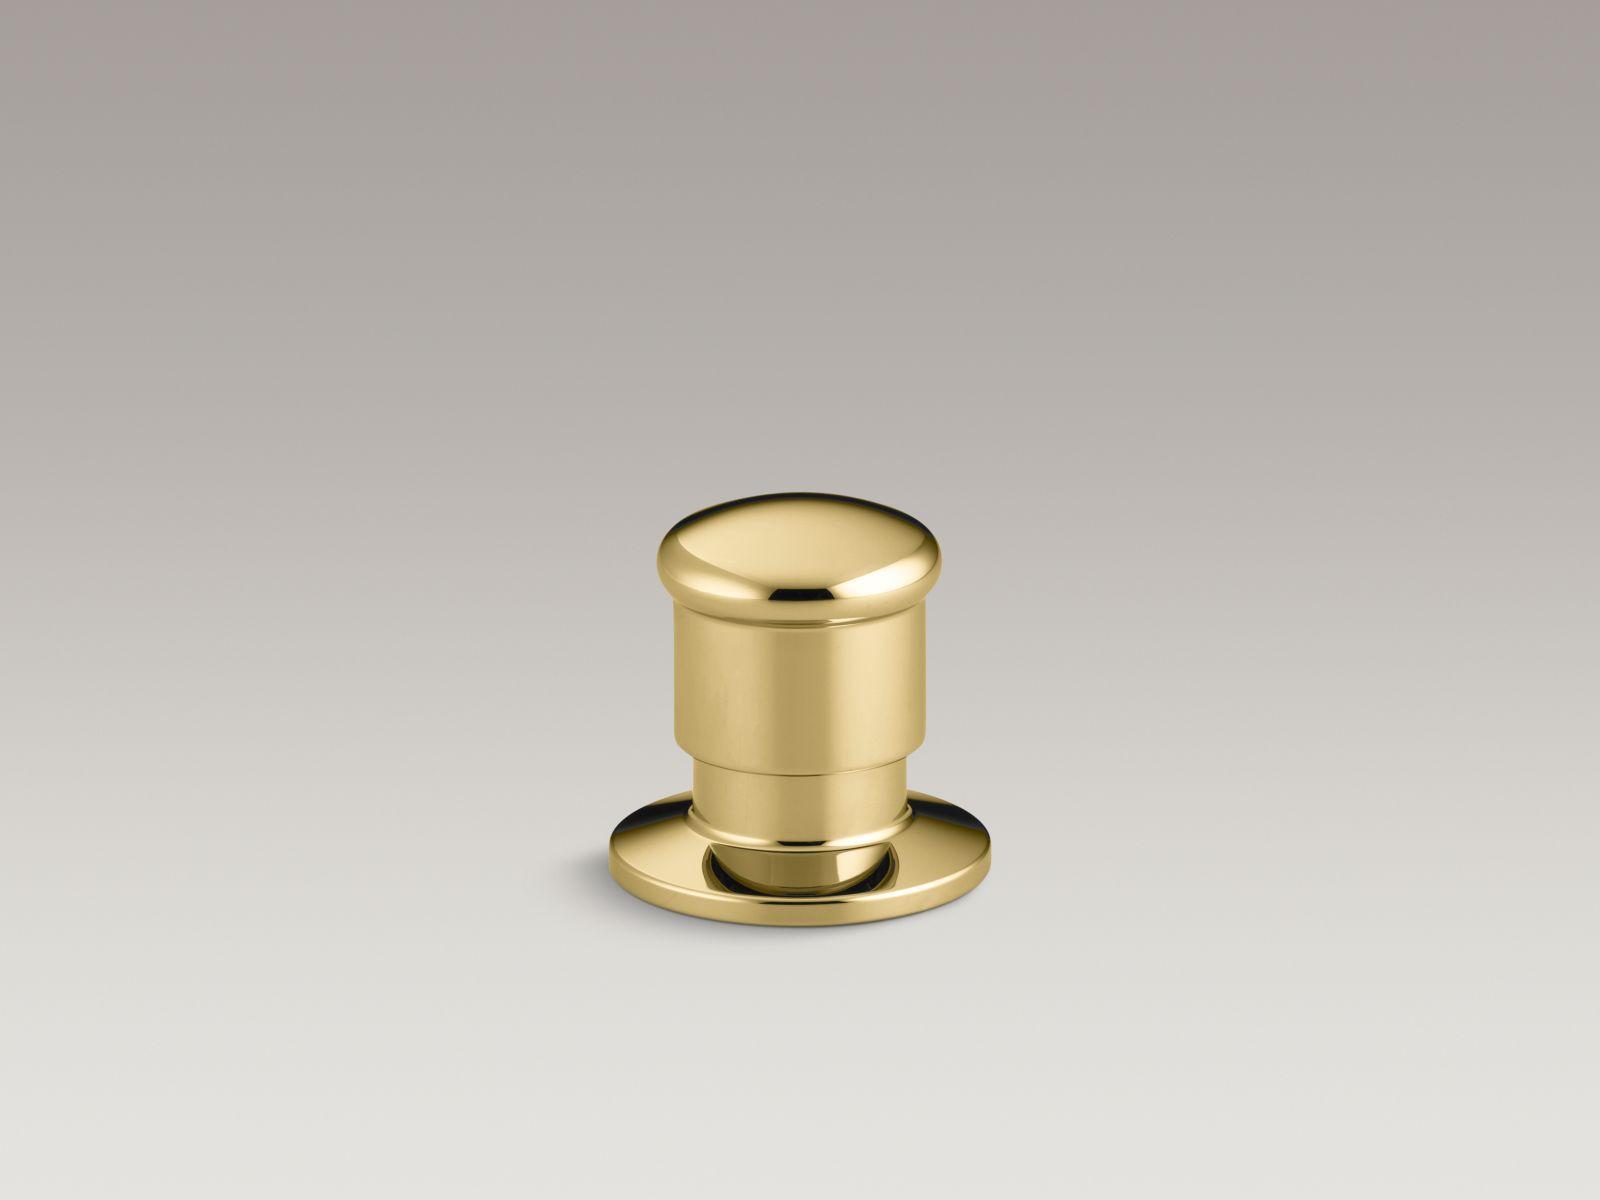 Kohler K-9530-PB Deck-Mount Two-Way Diverter Valve Vibrant Polished Brass